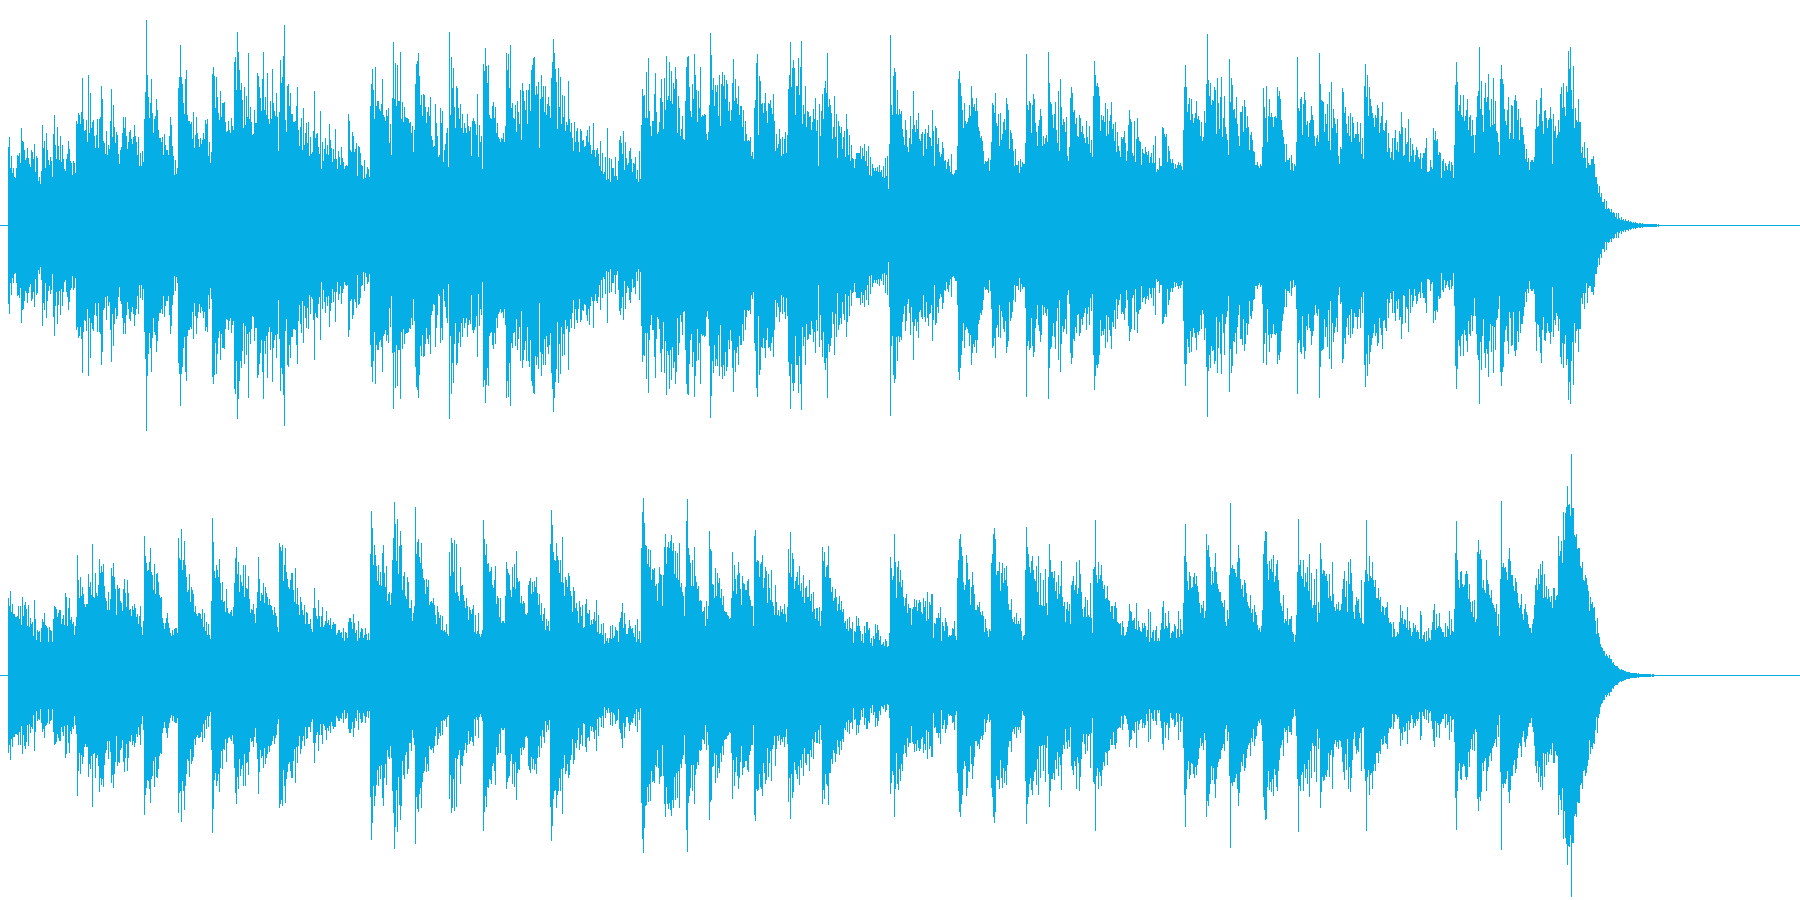 四季より「春」モチーフのピアノジングルBの再生済みの波形